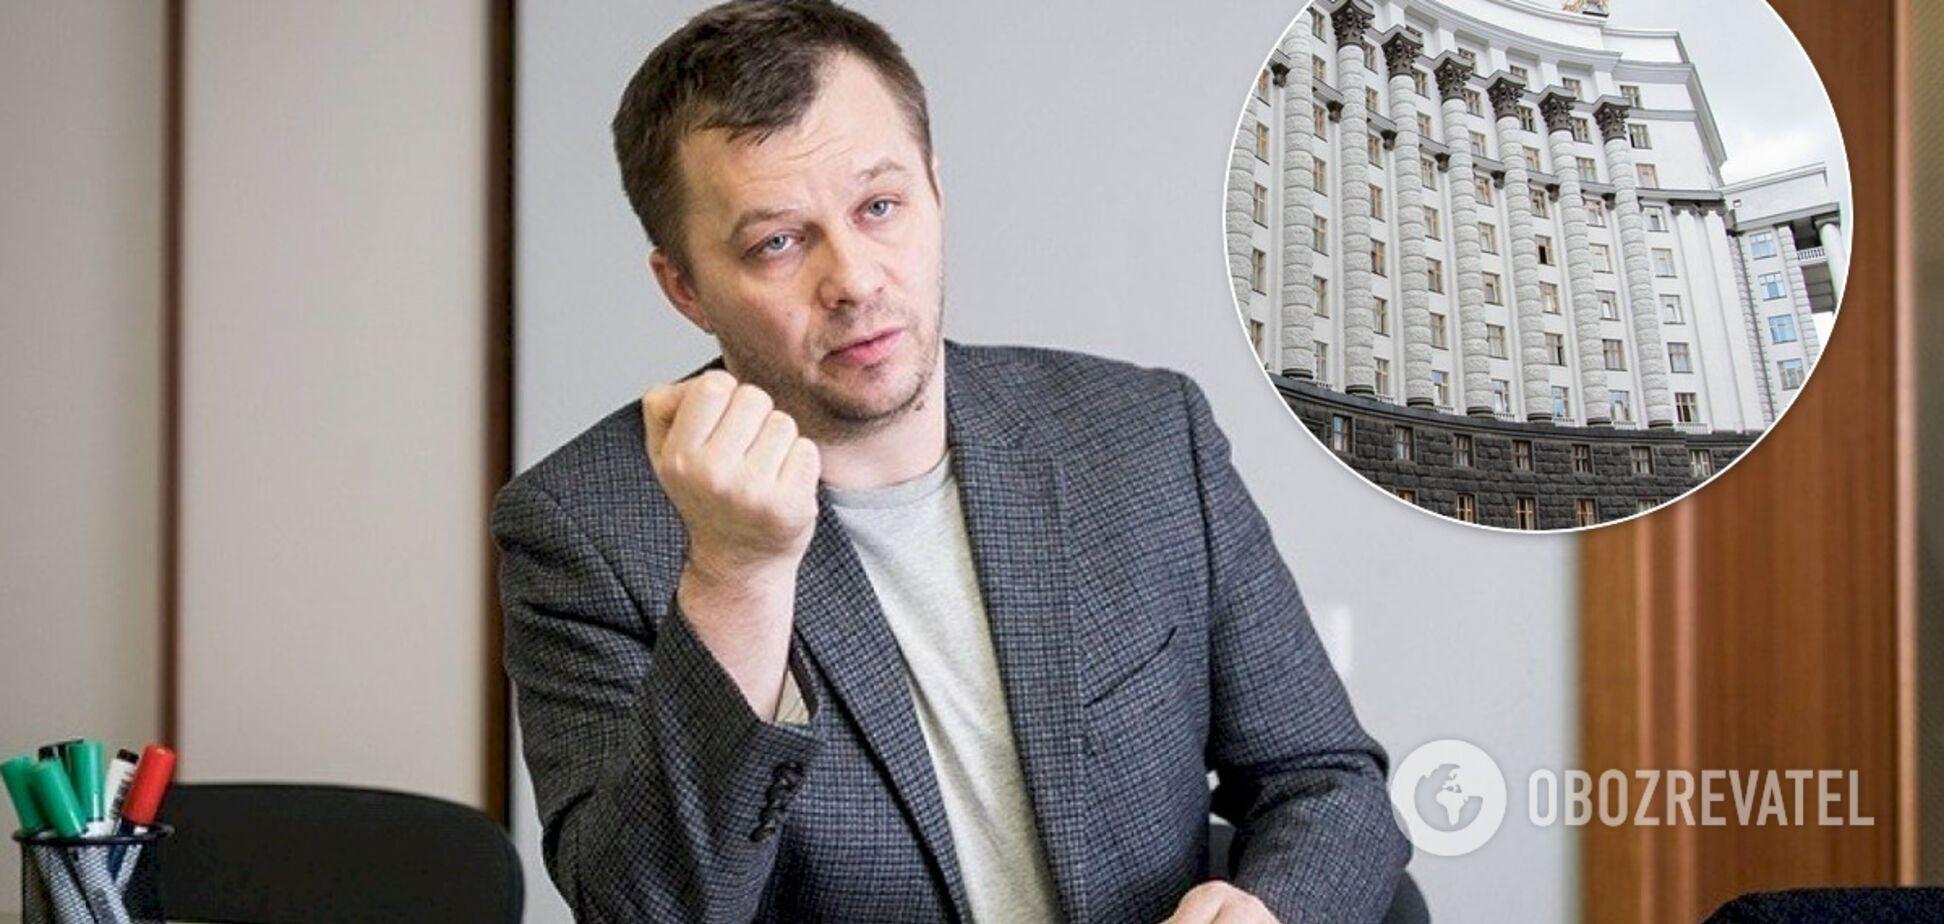 Милованов і Жуковський відмовилися працювати у Кабміні Шмигаля – джерело